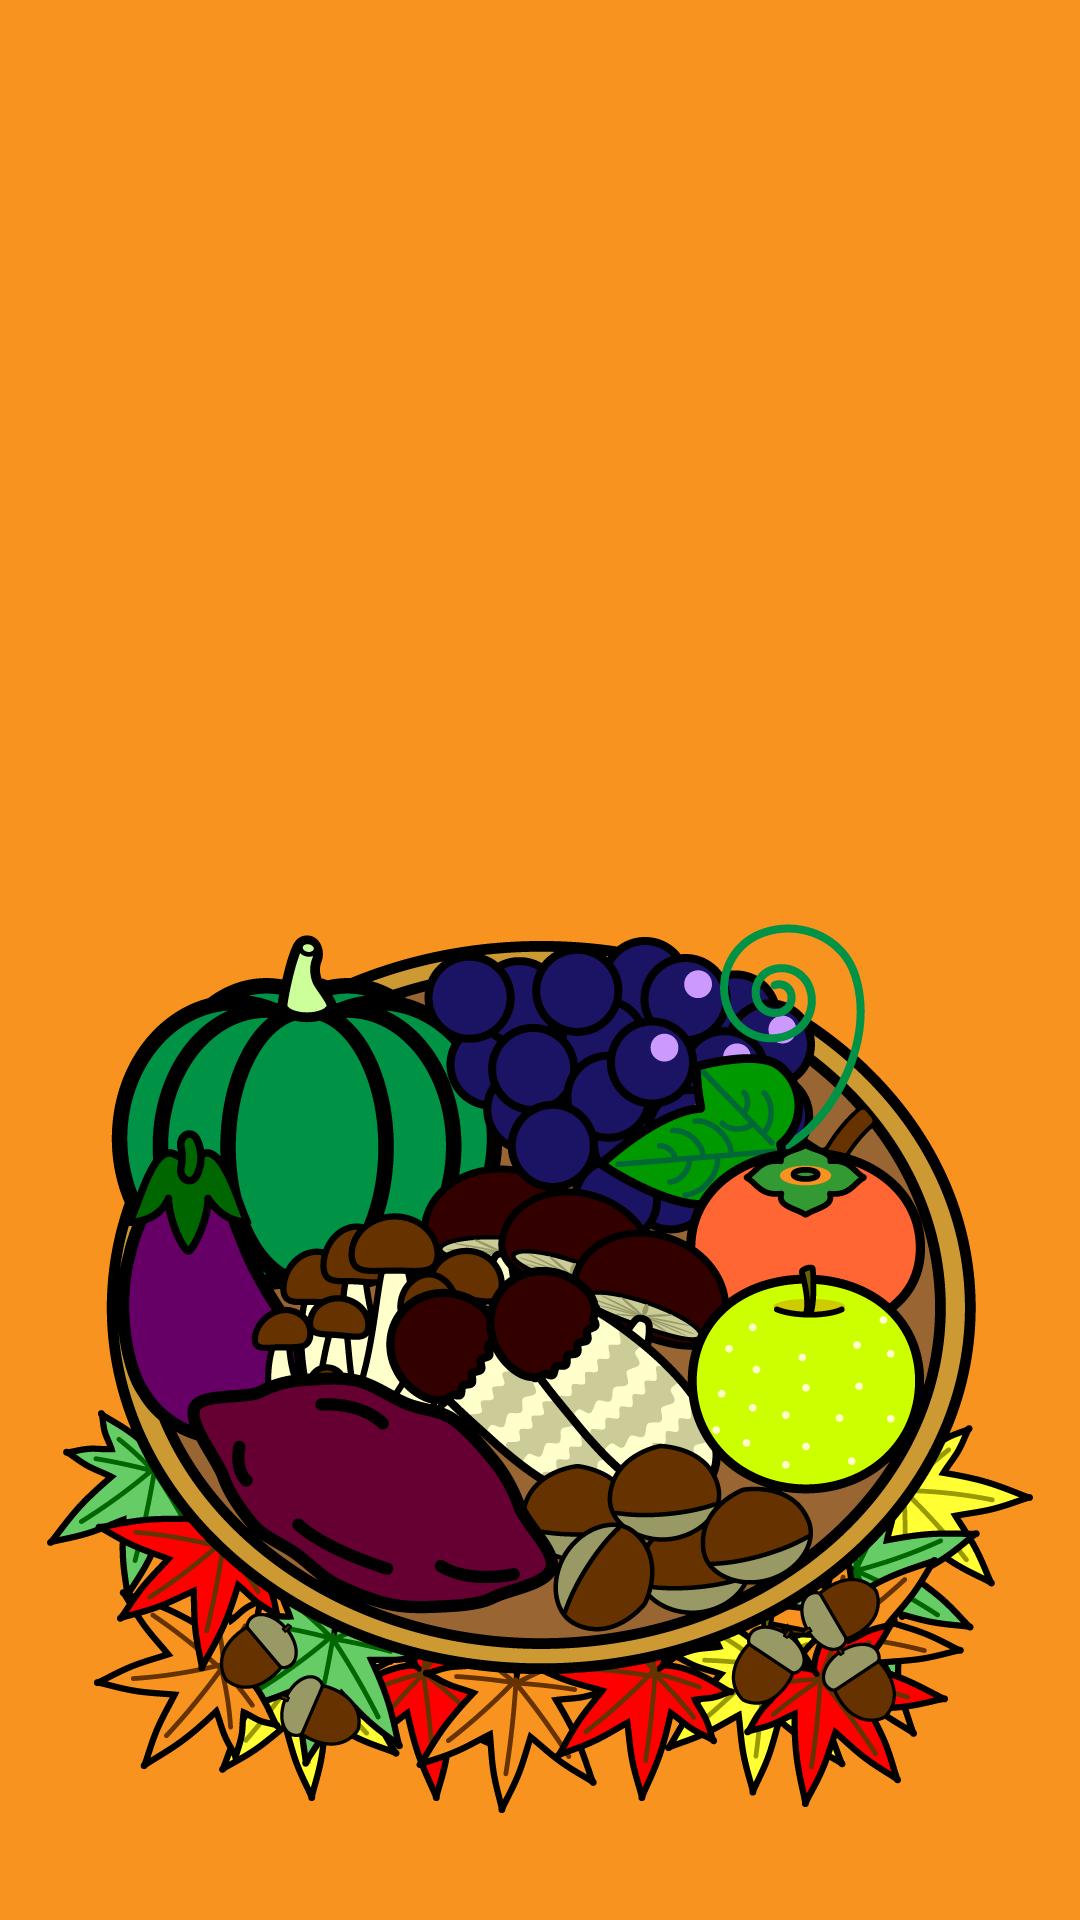 かわいい秋の味覚狩り壁紙(iPhone)の無料イラスト・商用フリー